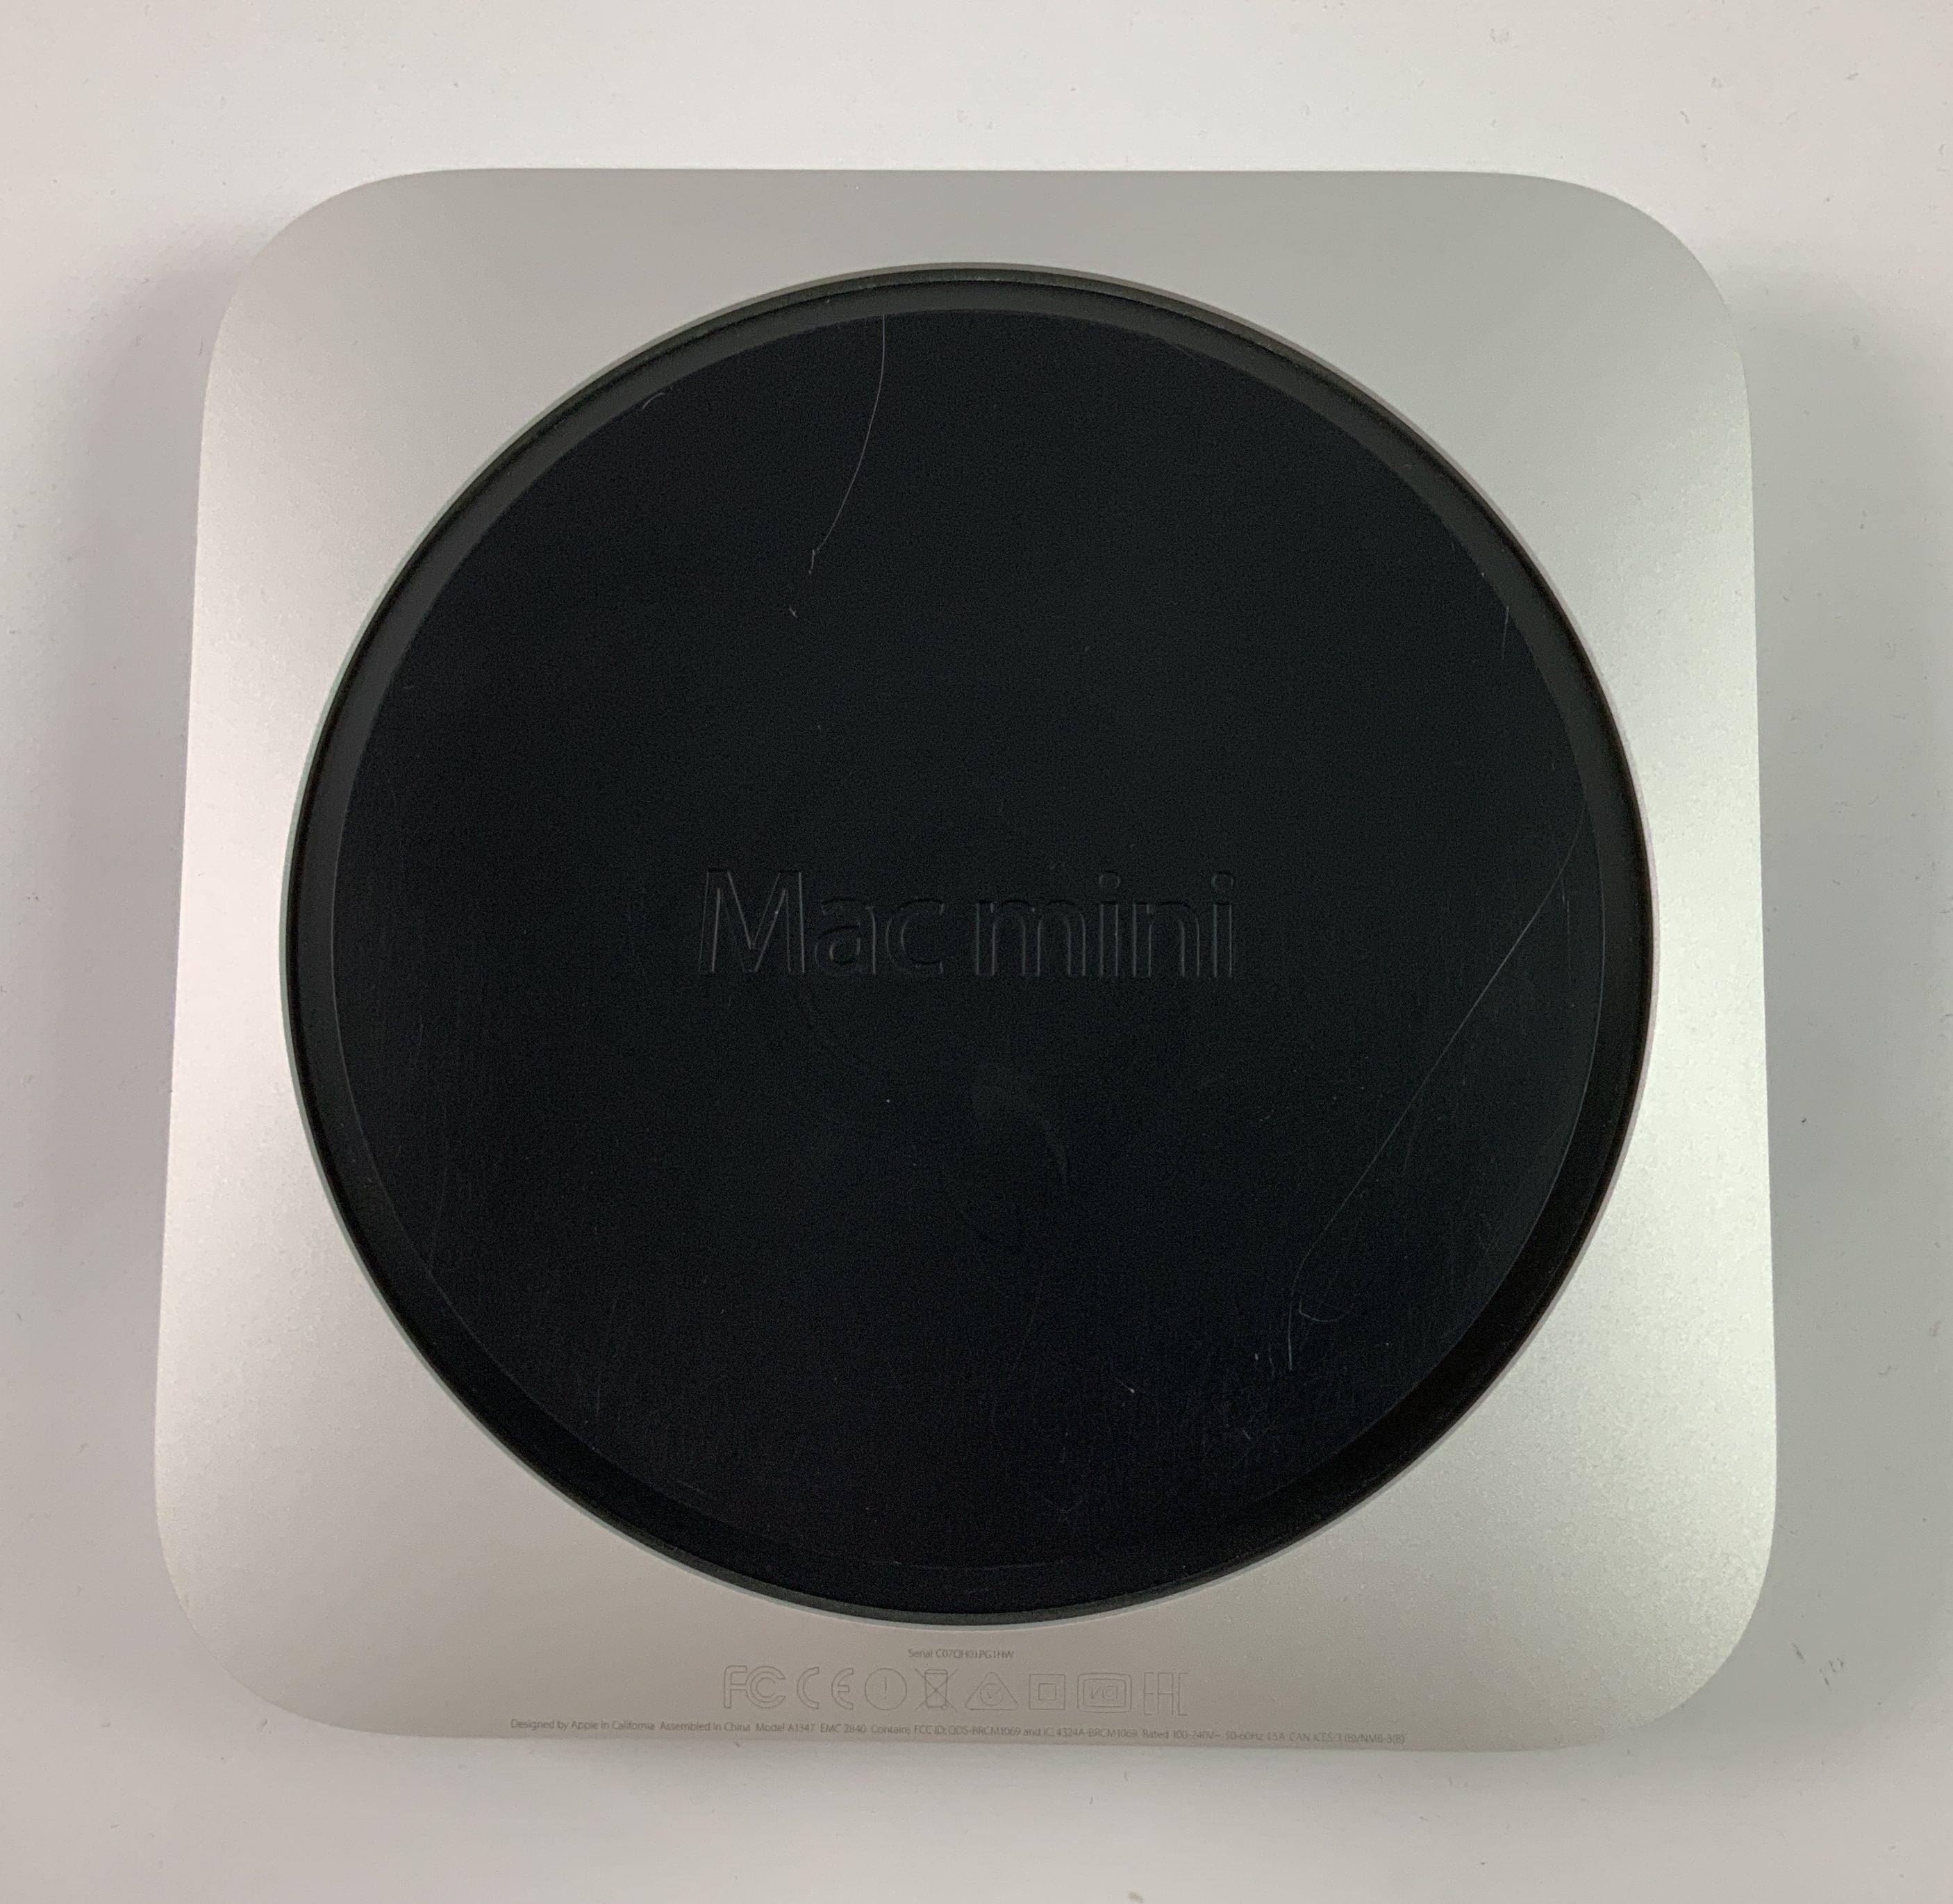 Mac Mini Late 2014 (Intel Core i5 2.6 GHz 8 GB RAM 1 TB HDD), Intel Core i5 2.6 GHz, 8 GB RAM, 1 TB HDD, Kuva 3